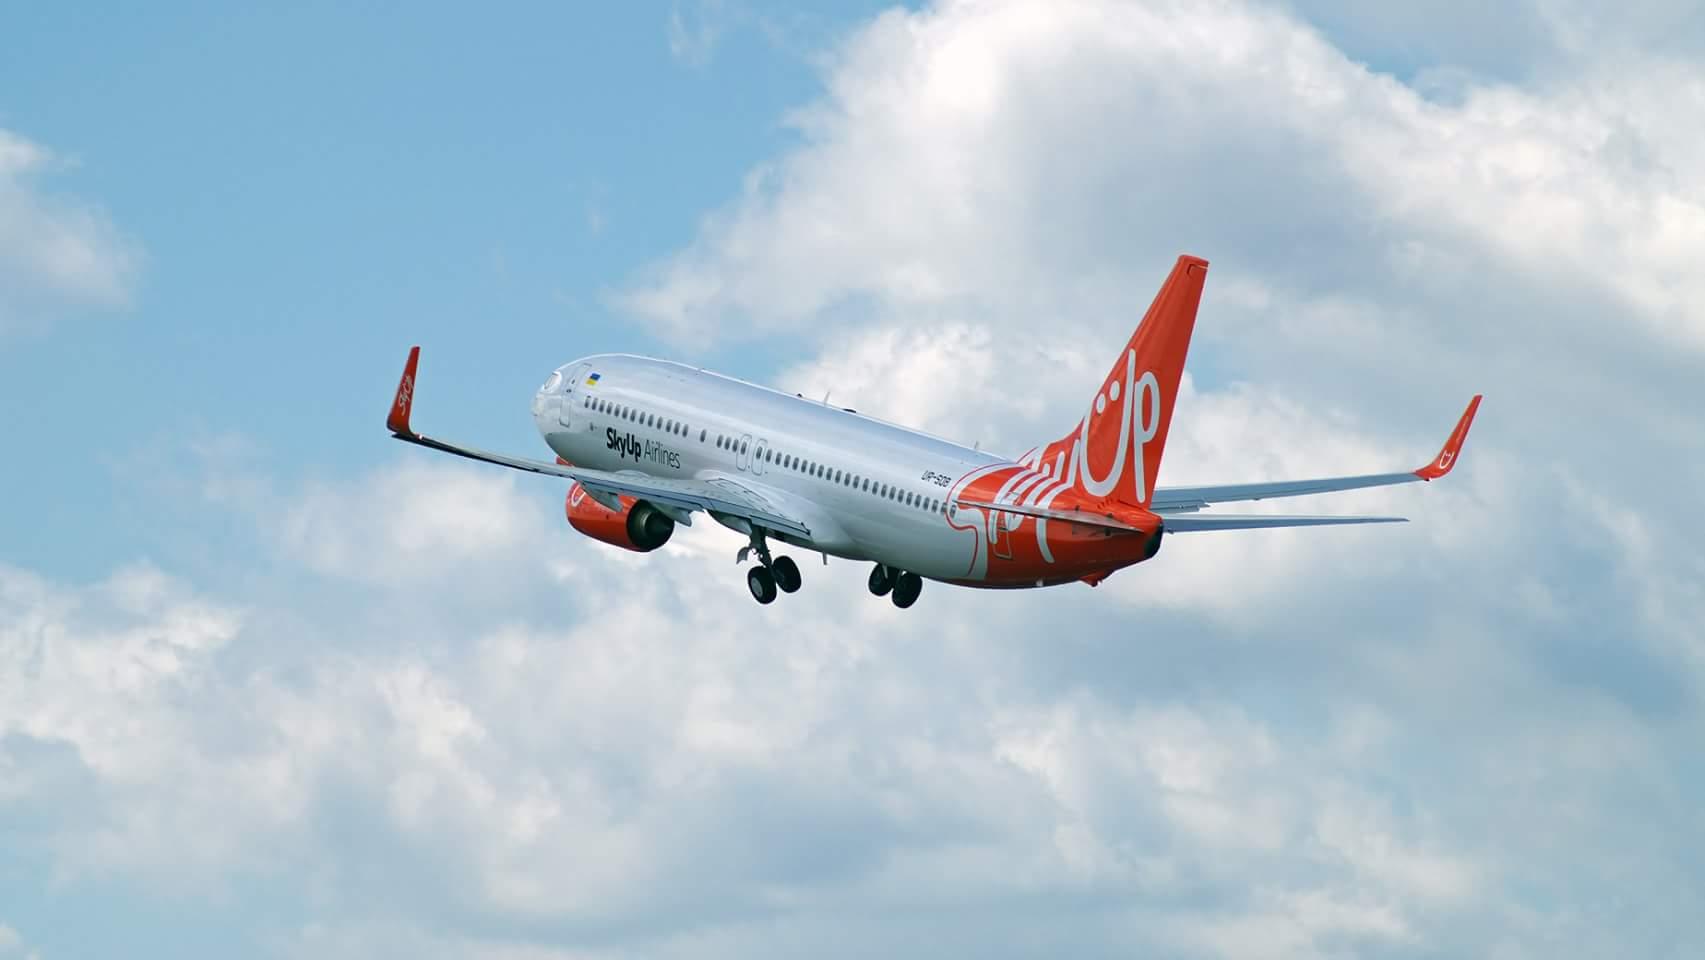 Суд приостановил лицензию украинского лоукостера SkyUp Airlines, но авиакомпания и далее выполняет все рейсы